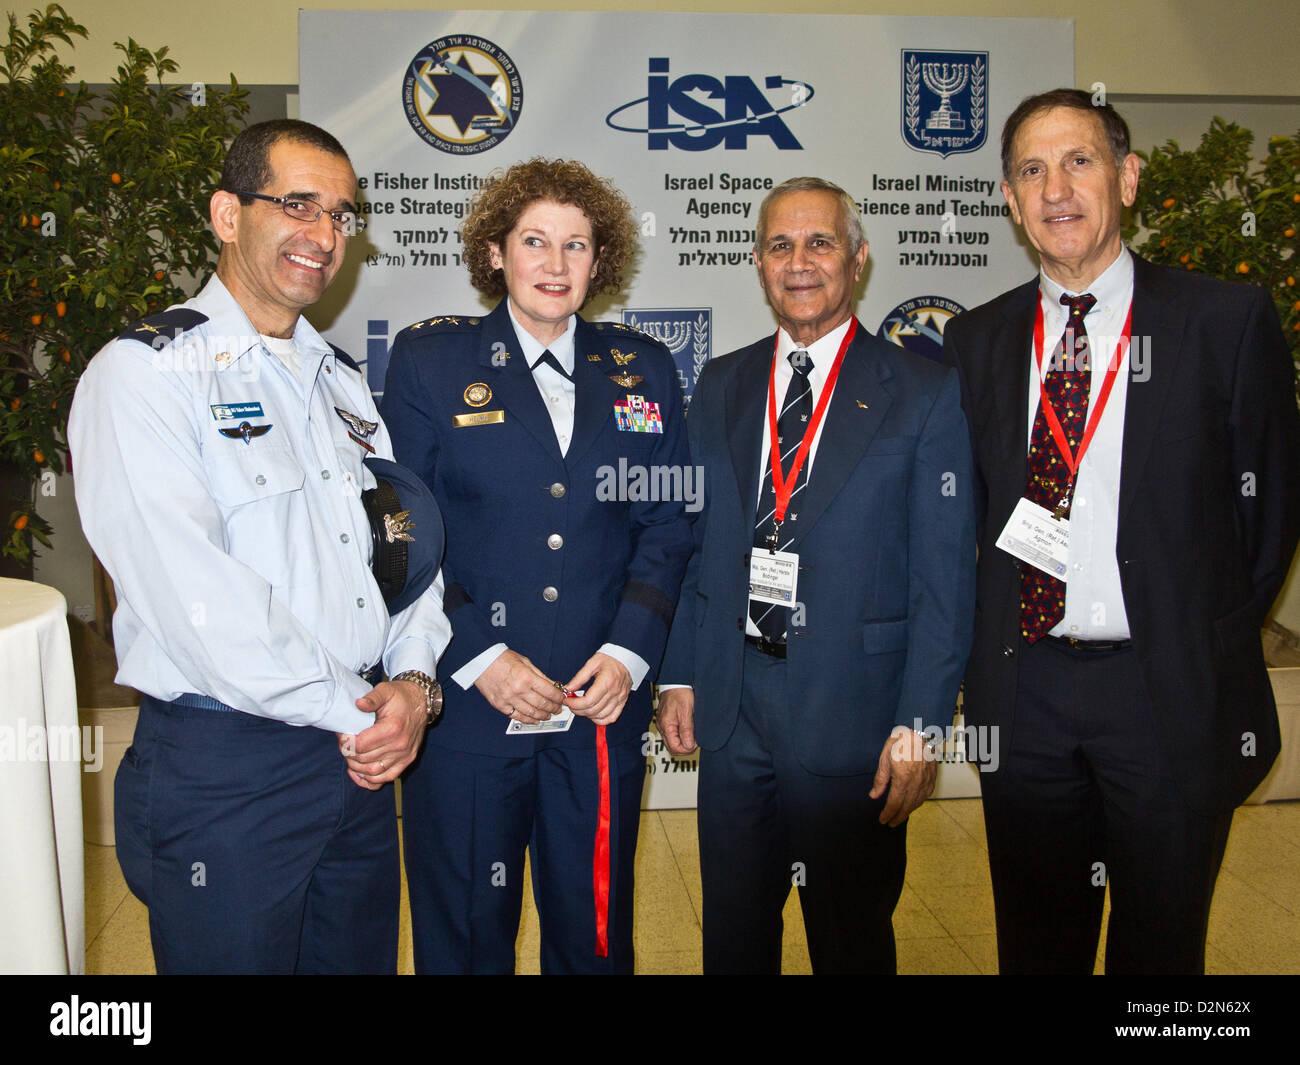 Right-to-left; IAF Ret. Brig. Gen. Asaf Agmon, IAF Ret. Maj. Gen. Herzl Bodinger, Lieut. Gen. Susan Helms, Commander Stock Photo